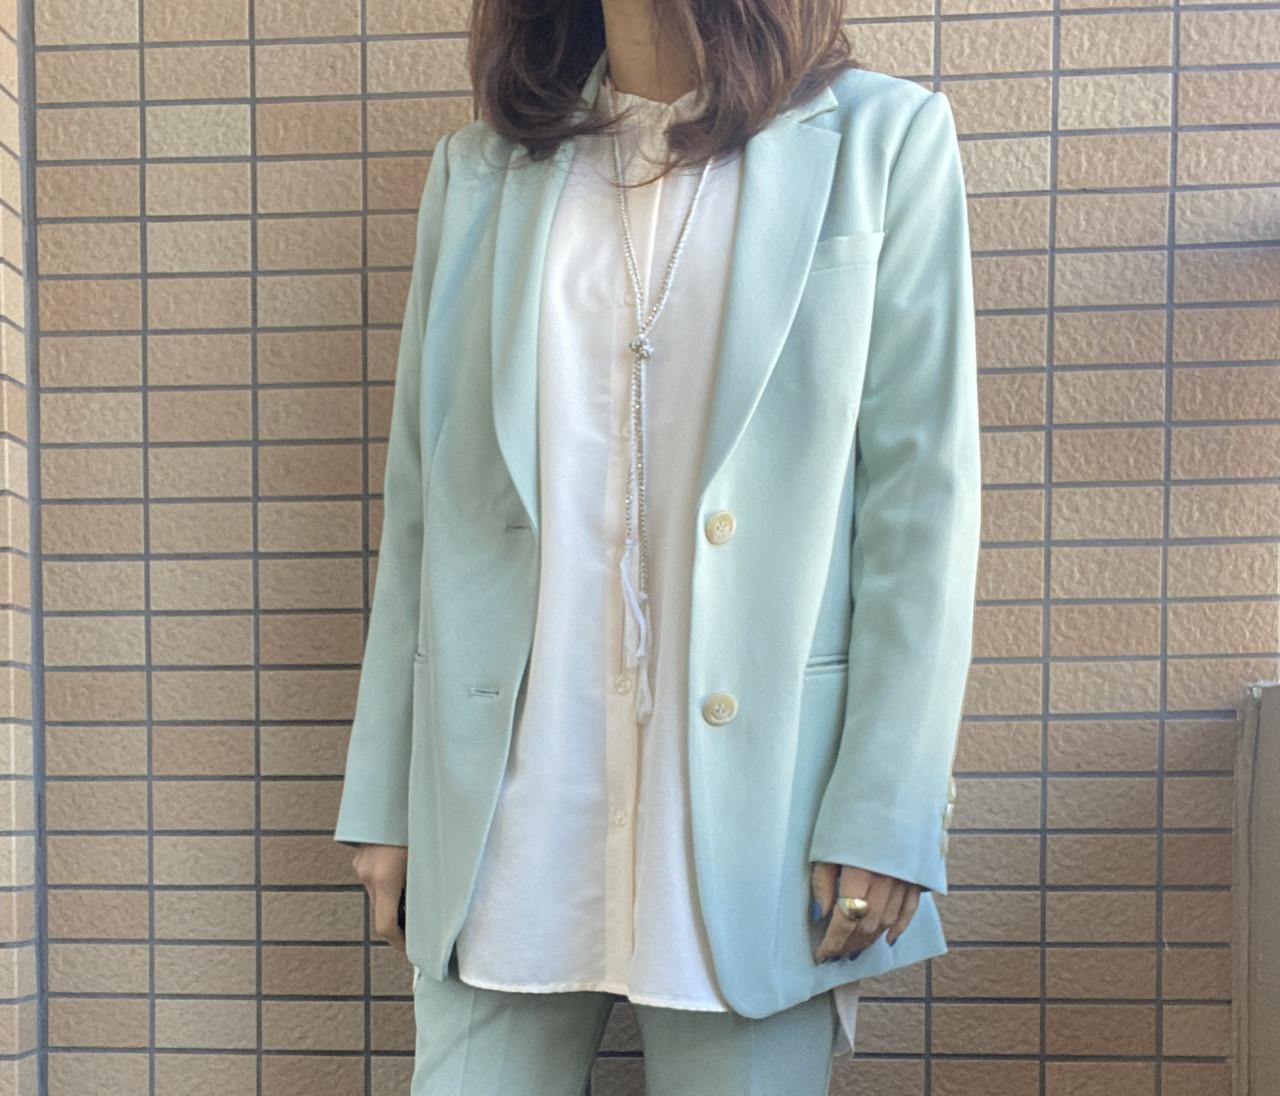 【GU】流行のバンドカラーシャツは低身長でも着こなせる!